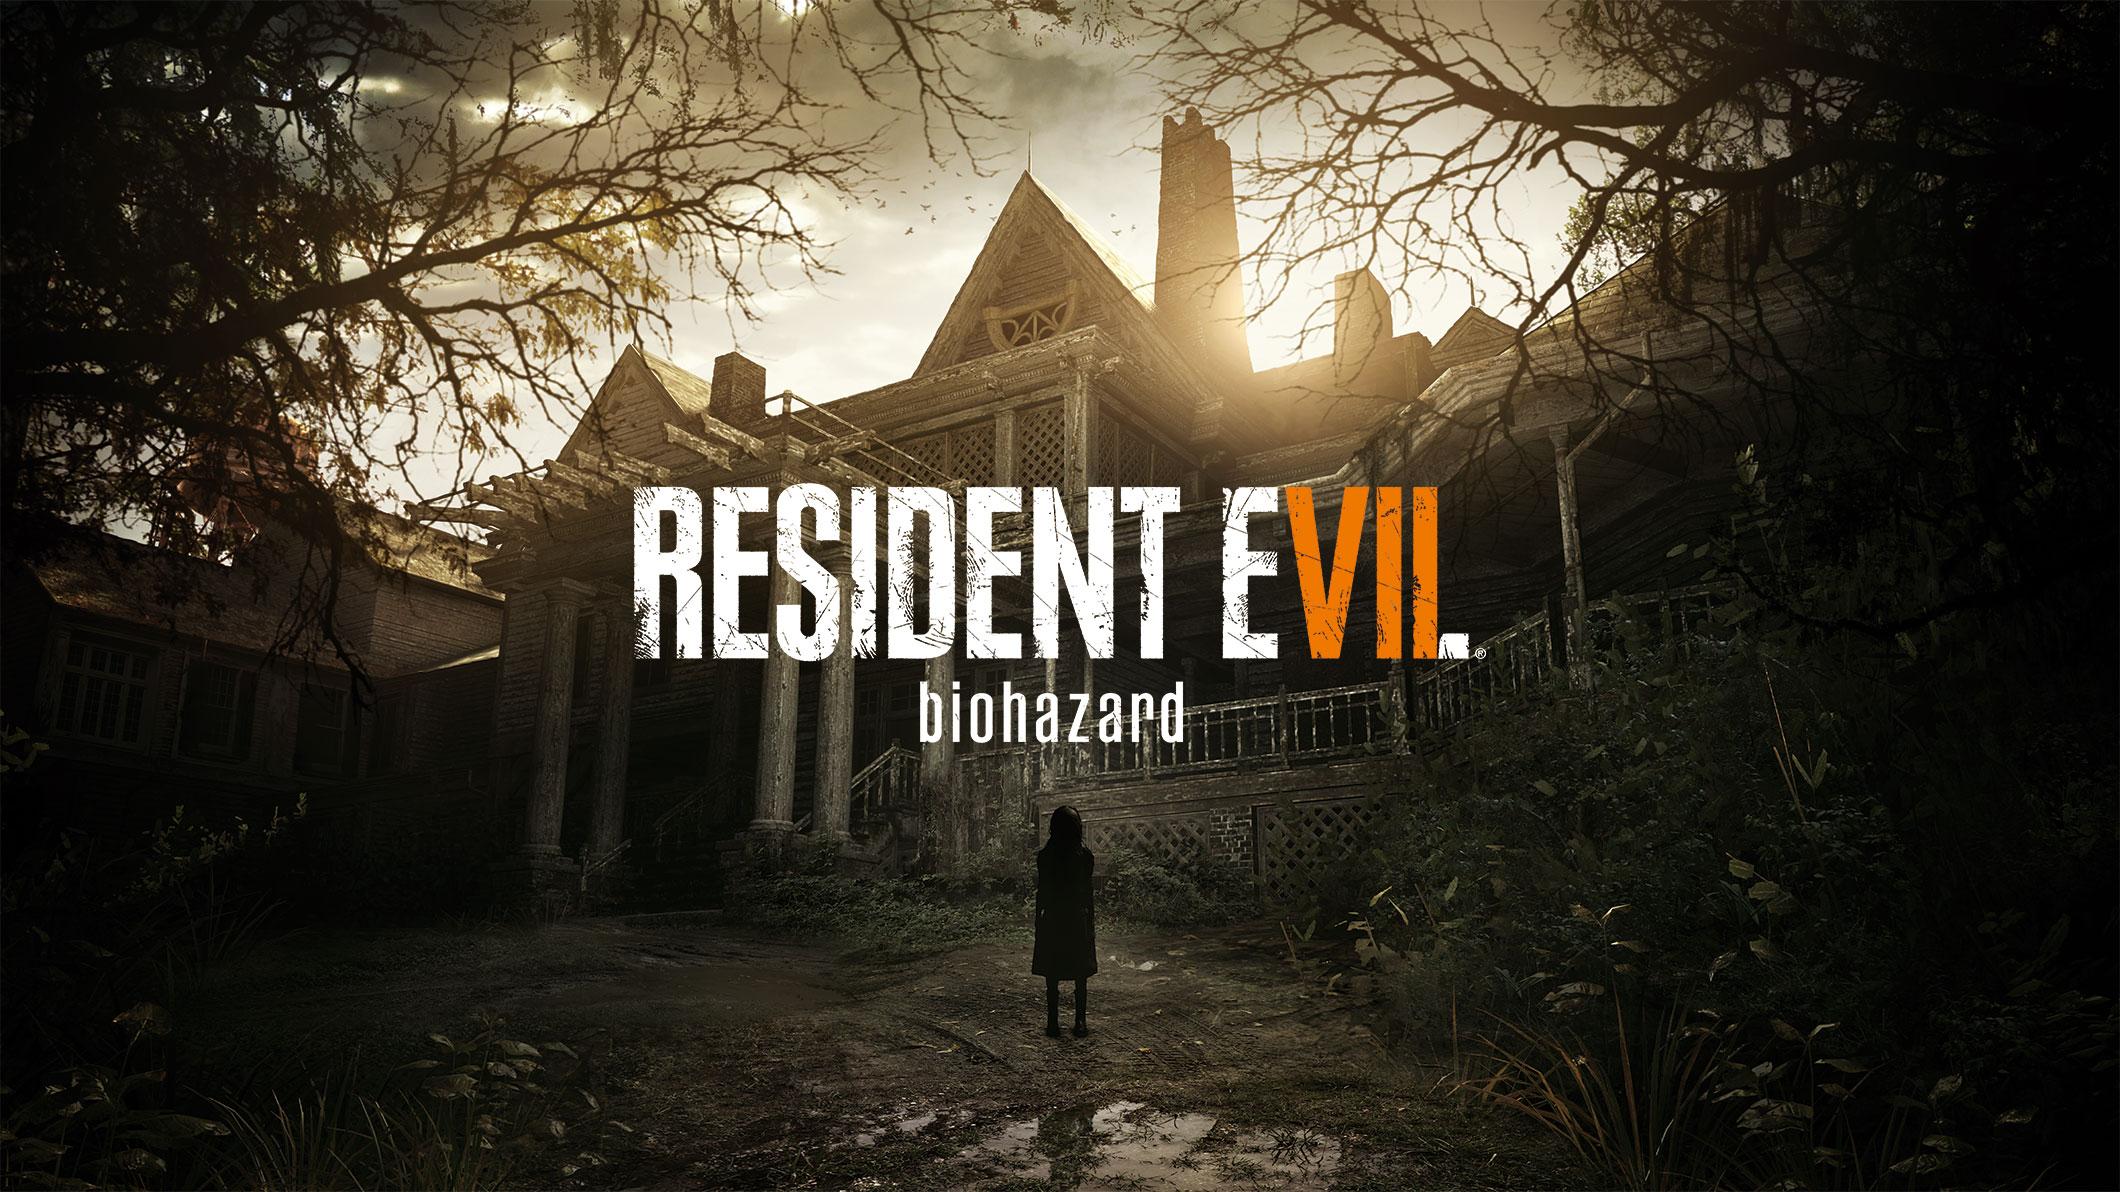 دانلود کرک بازی Resident Evil 7 Biohazard